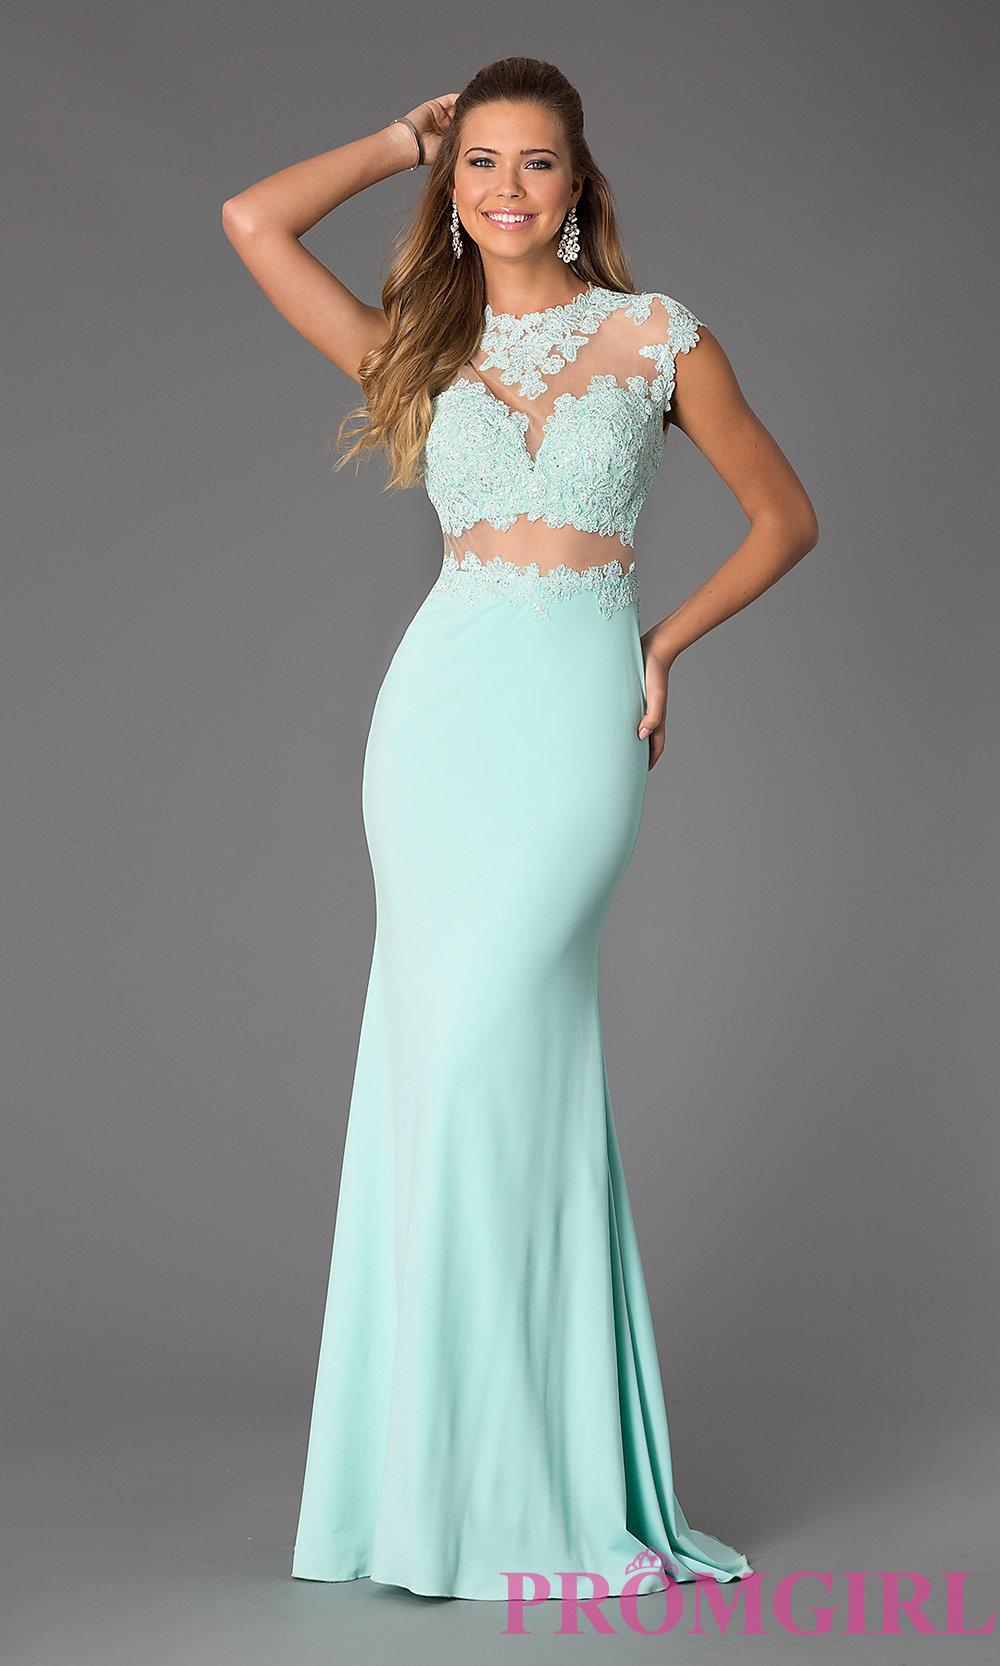 Ausgezeichnet Dresses For Proms Bilder - Hochzeit Kleid Stile Ideen ...